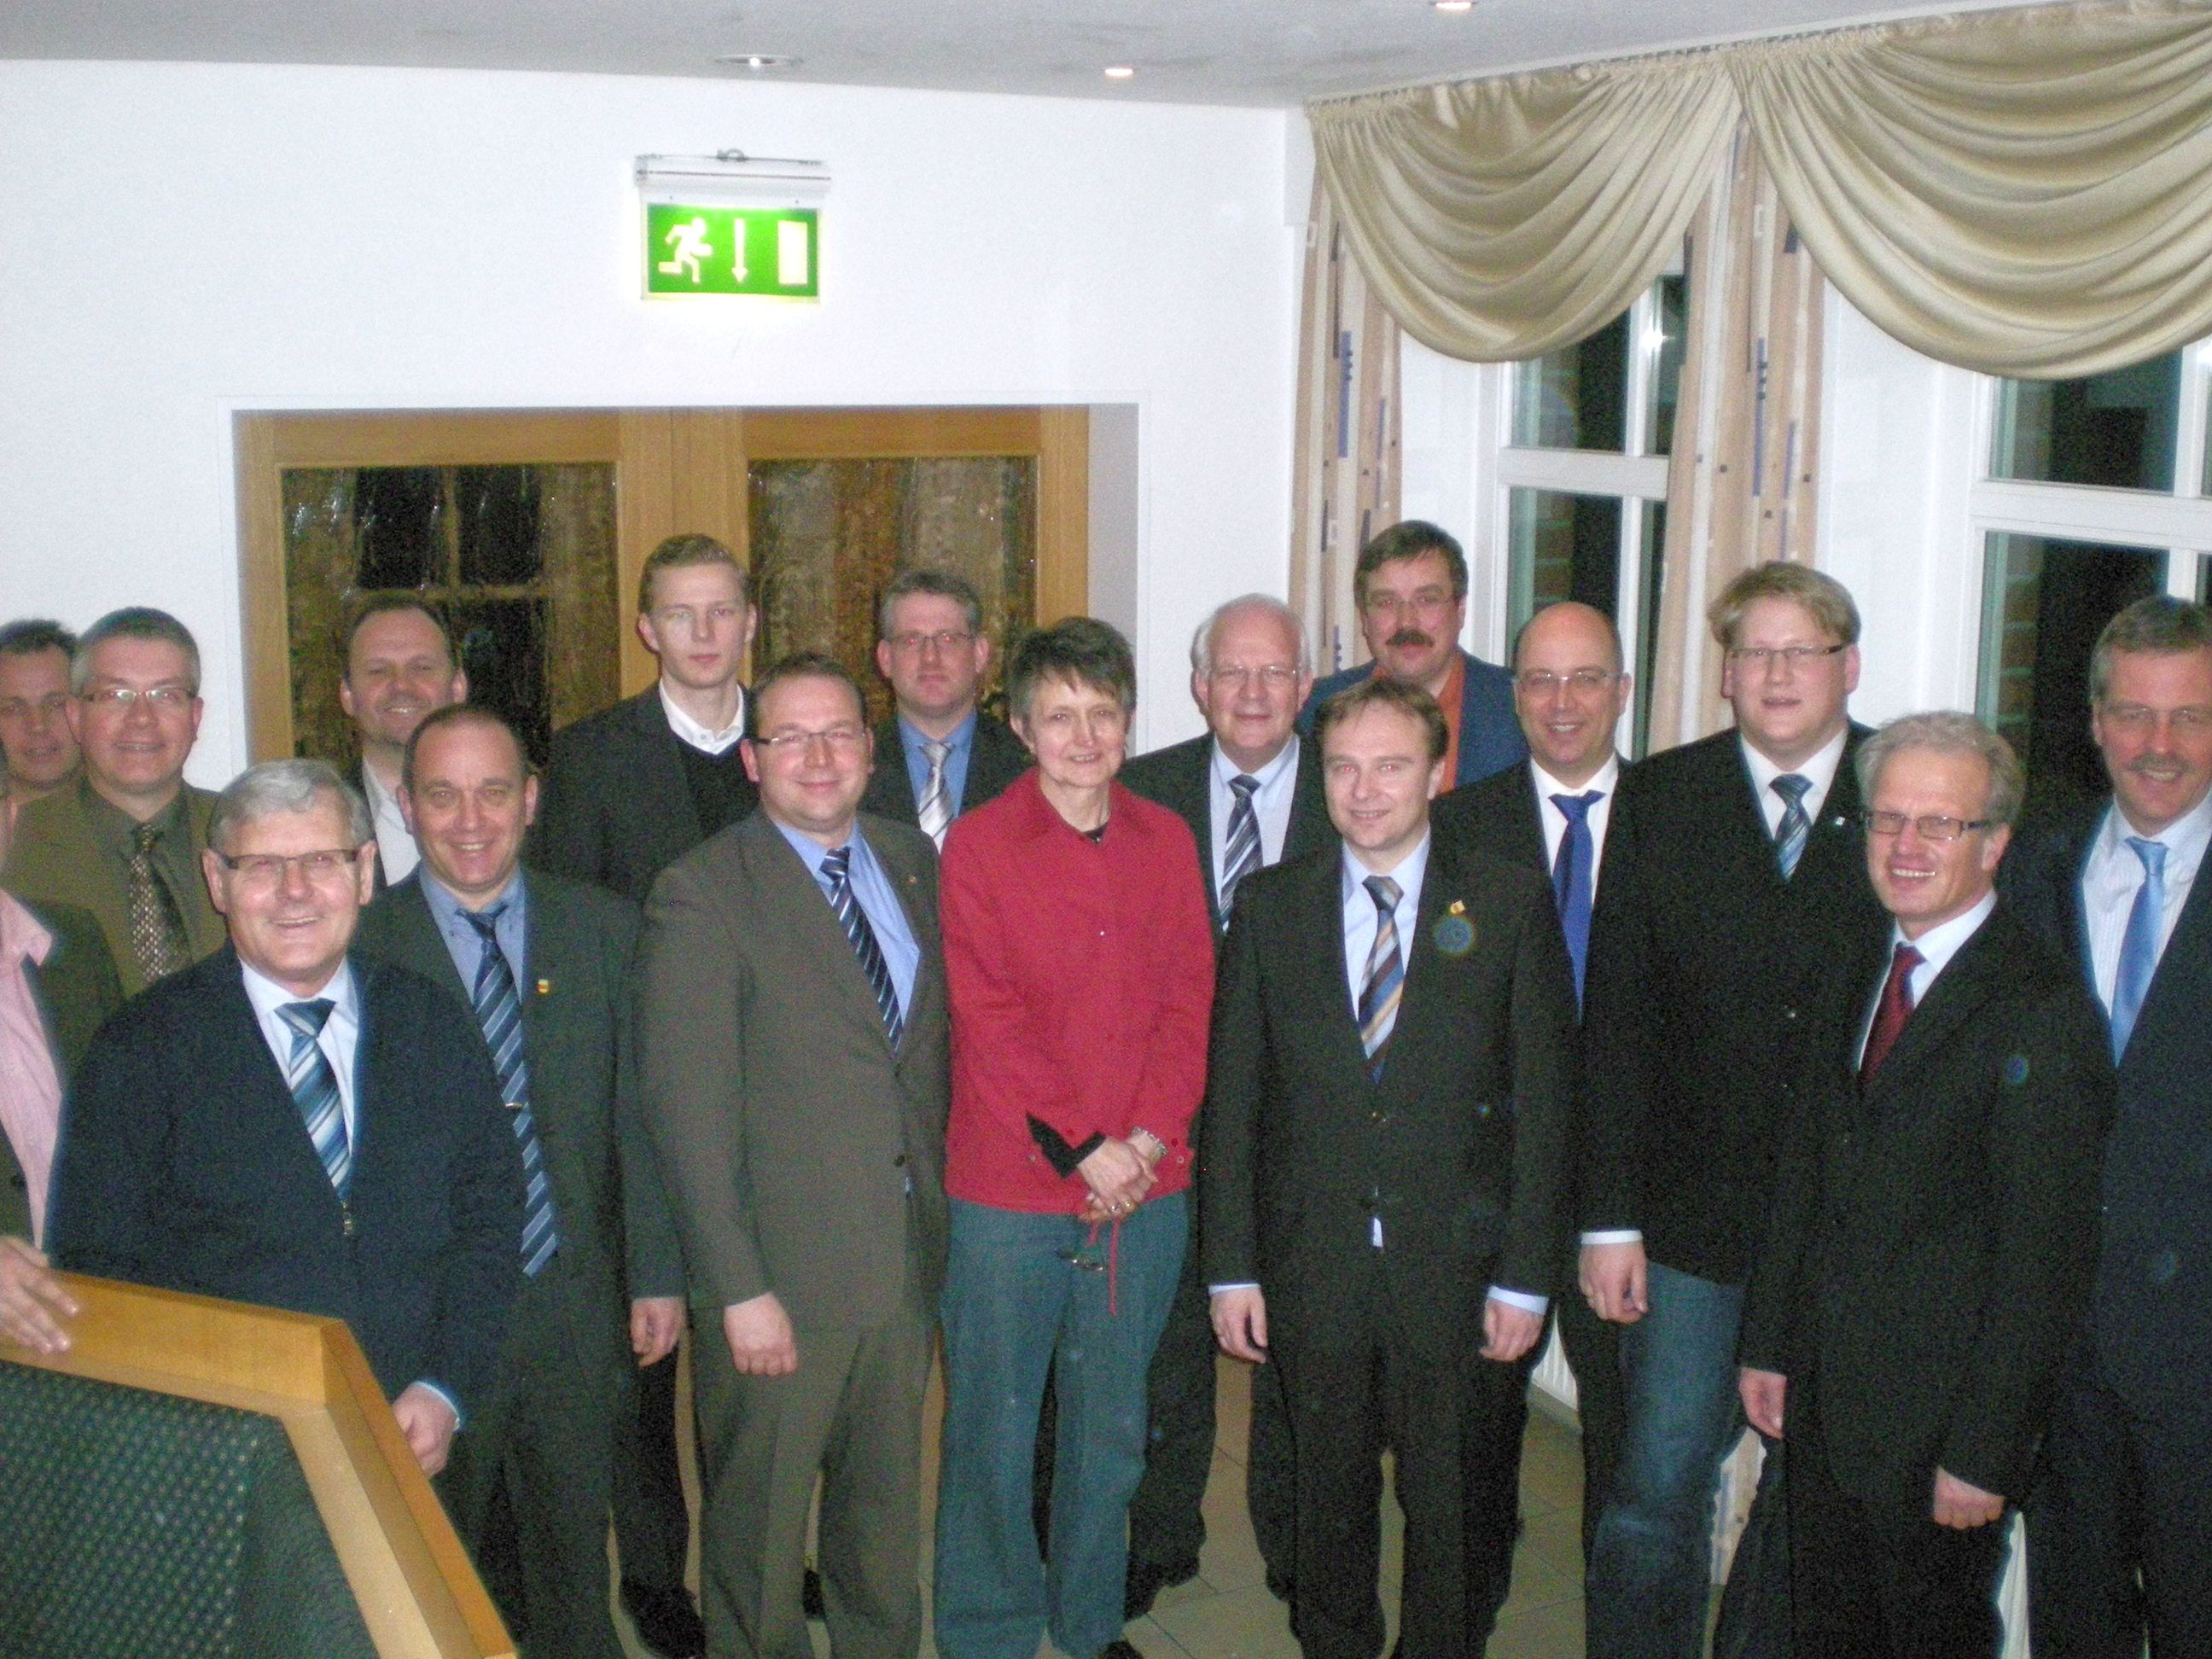 Anlage: Foto des neuen KPV-Kreisvorstandes mit LR Zwicker um den neuen Vorsitzenden Vortkamp (7.v.l.).